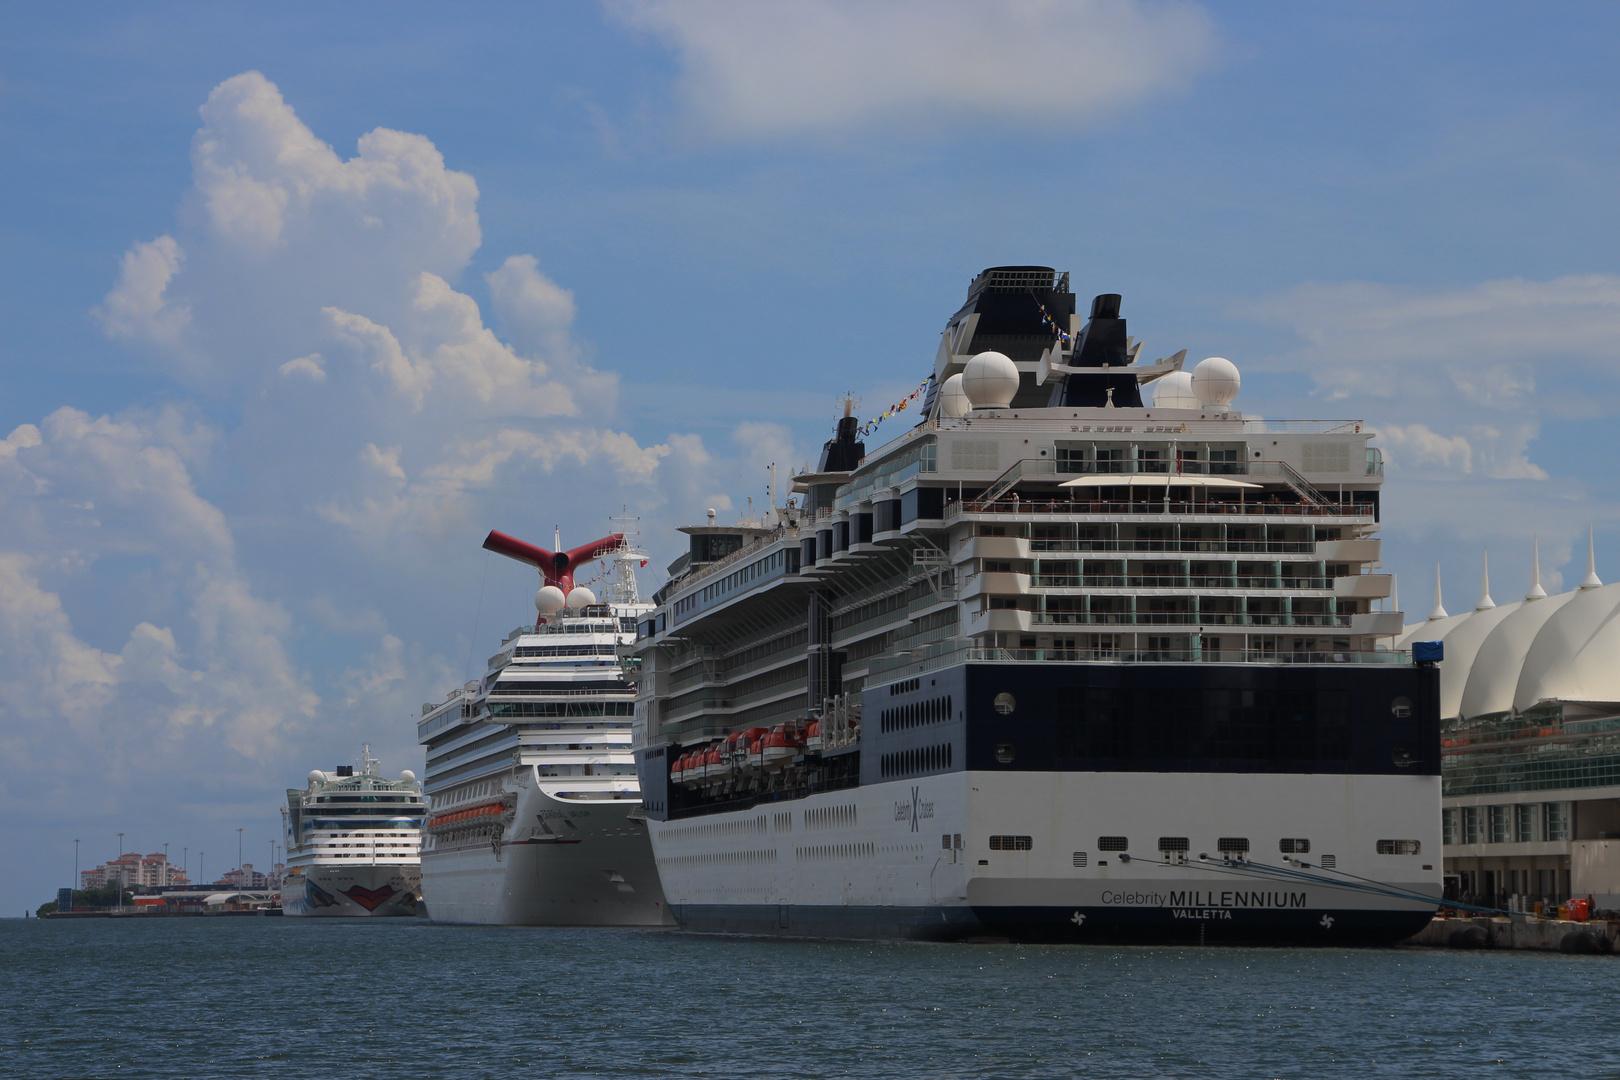 Gigantentreffen im Hafen von Miami